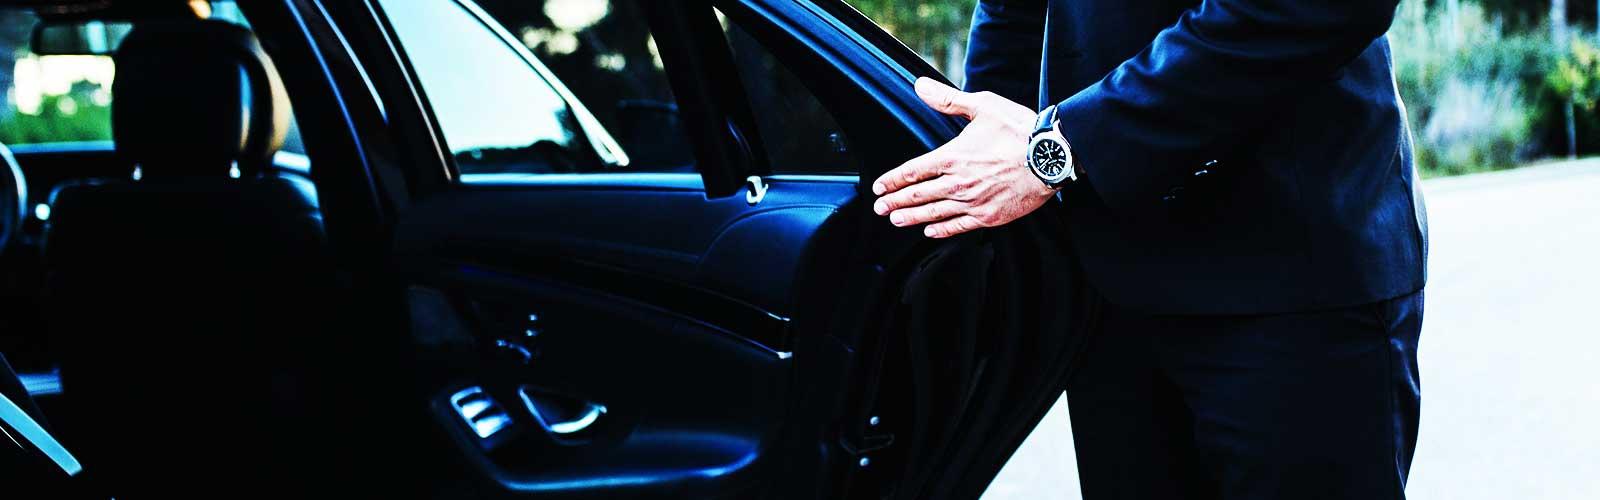 vtc private driver marseille